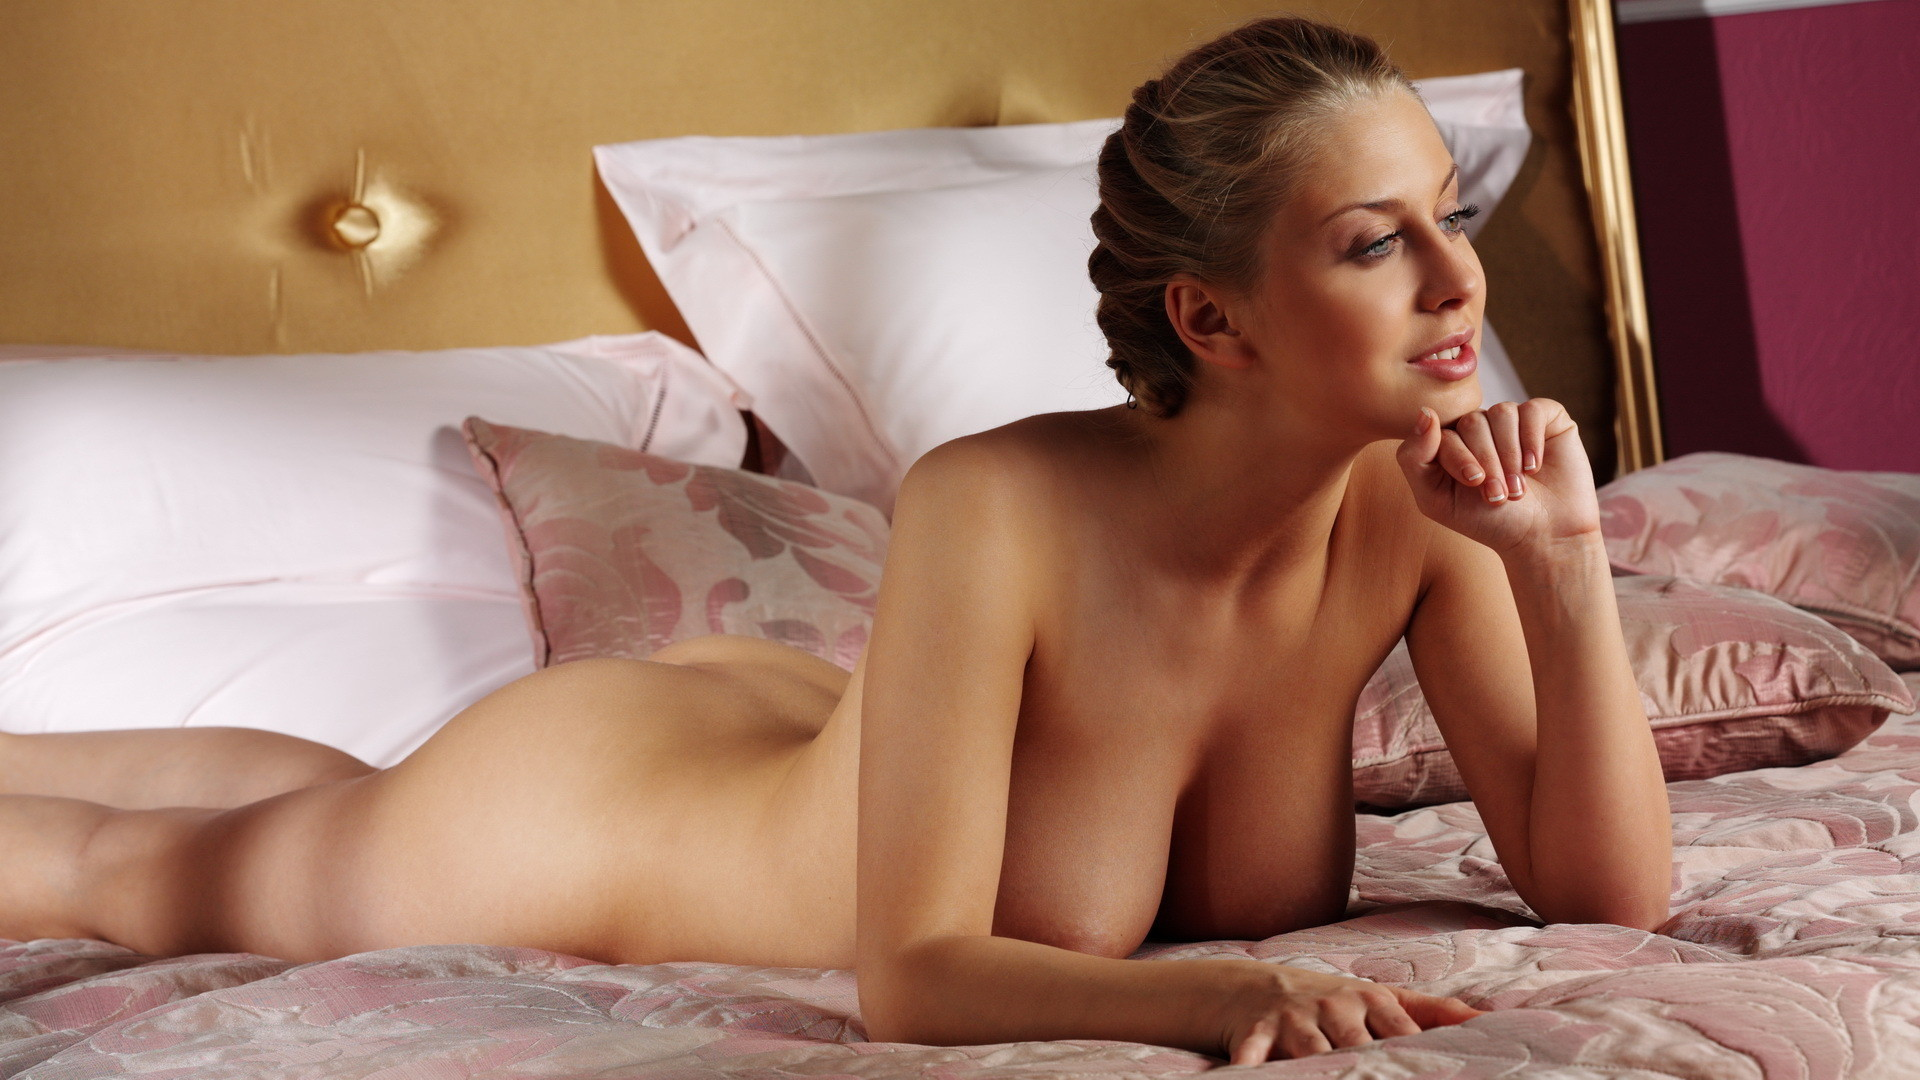 связи фото красивой жены эротическое знаете, что есть